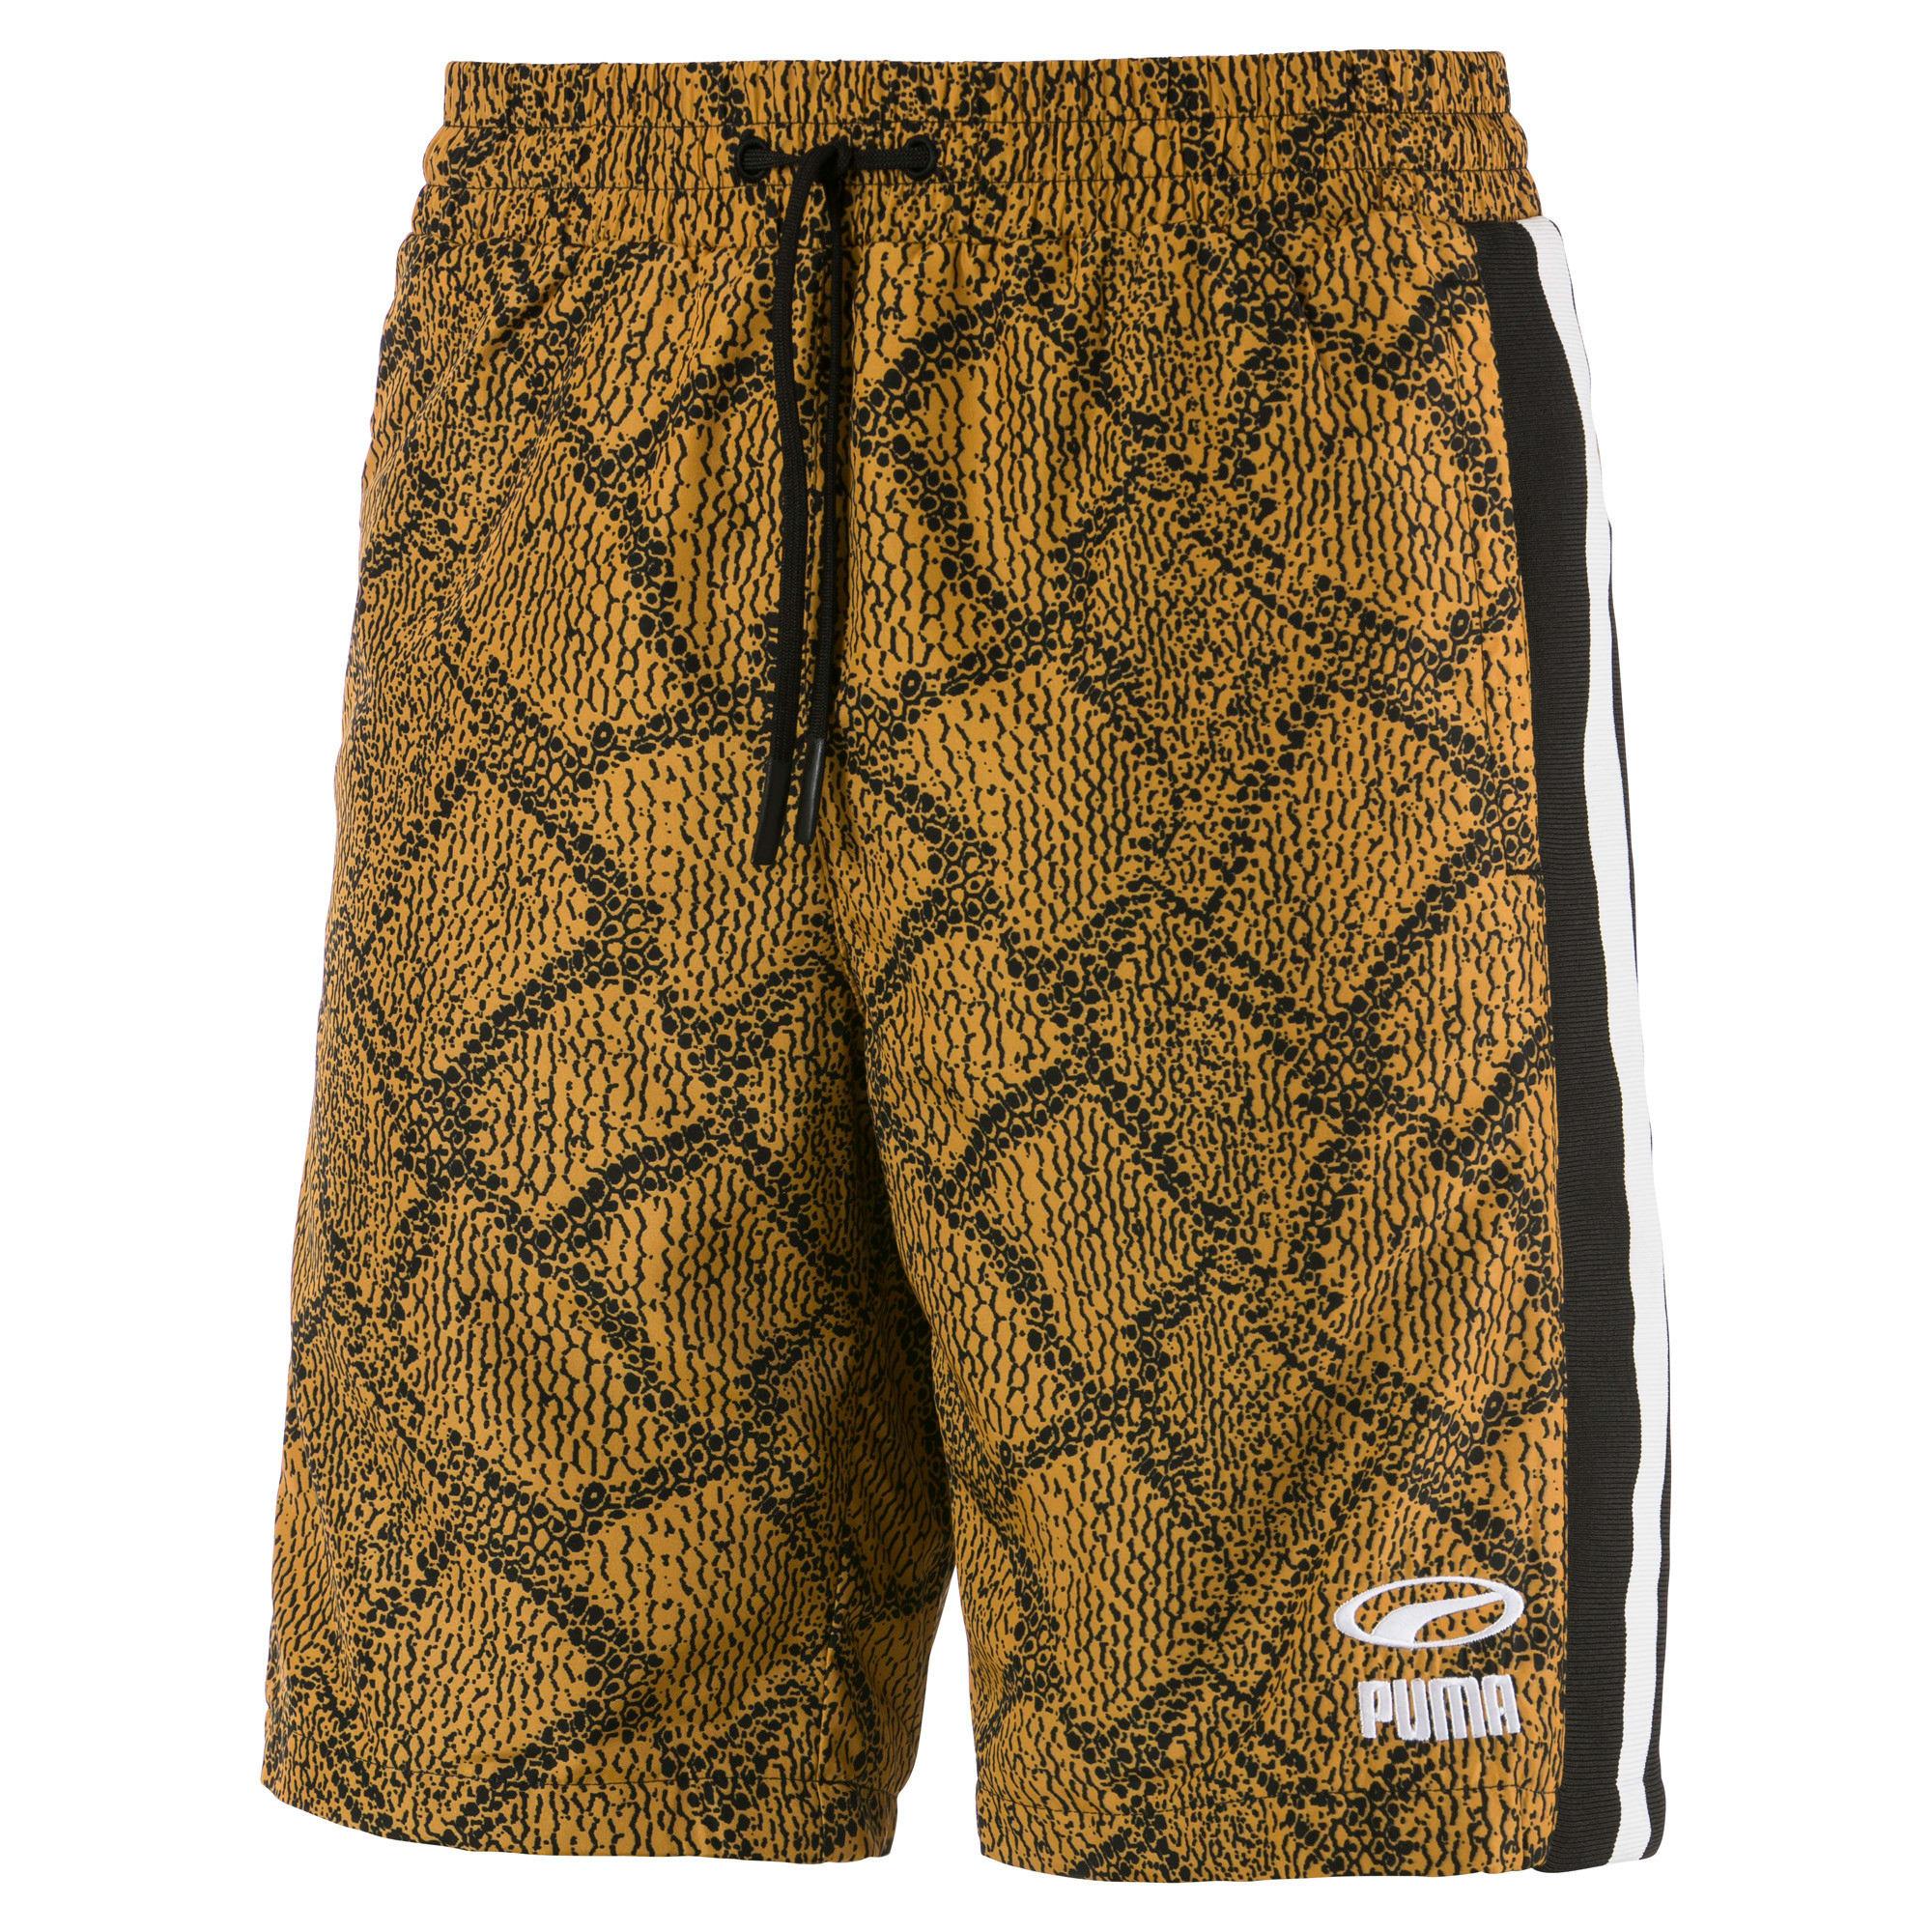 Thumbnail 1 of Snake Pack luXTG Woven Men's Shorts, Sunflower-AOP, medium